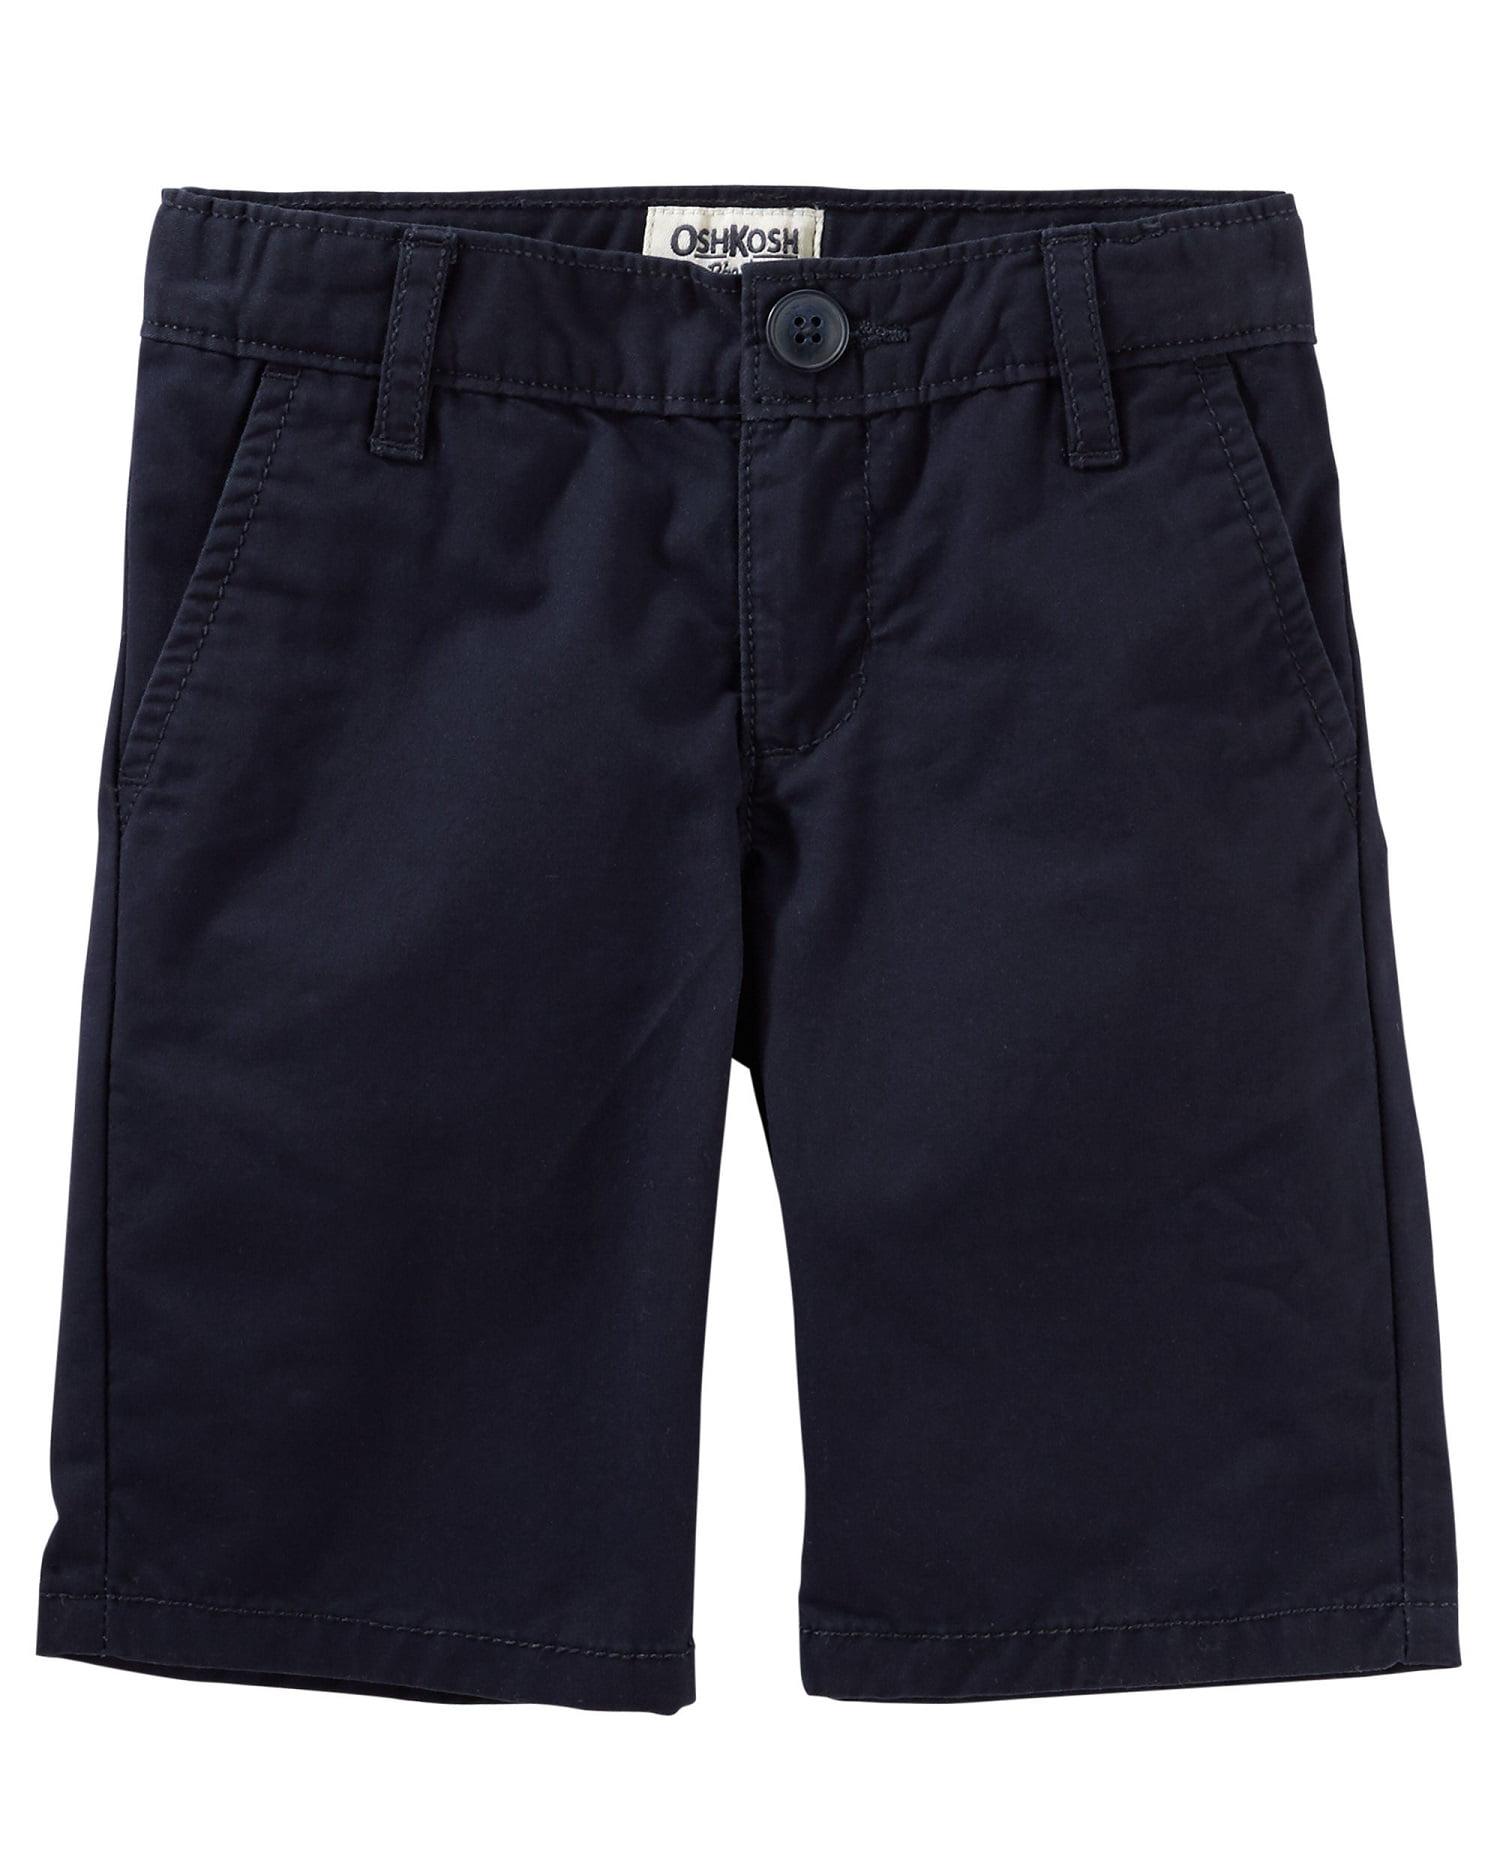 OshKosh B'gosh Big Girls' Classic Fit Uniform Shorts